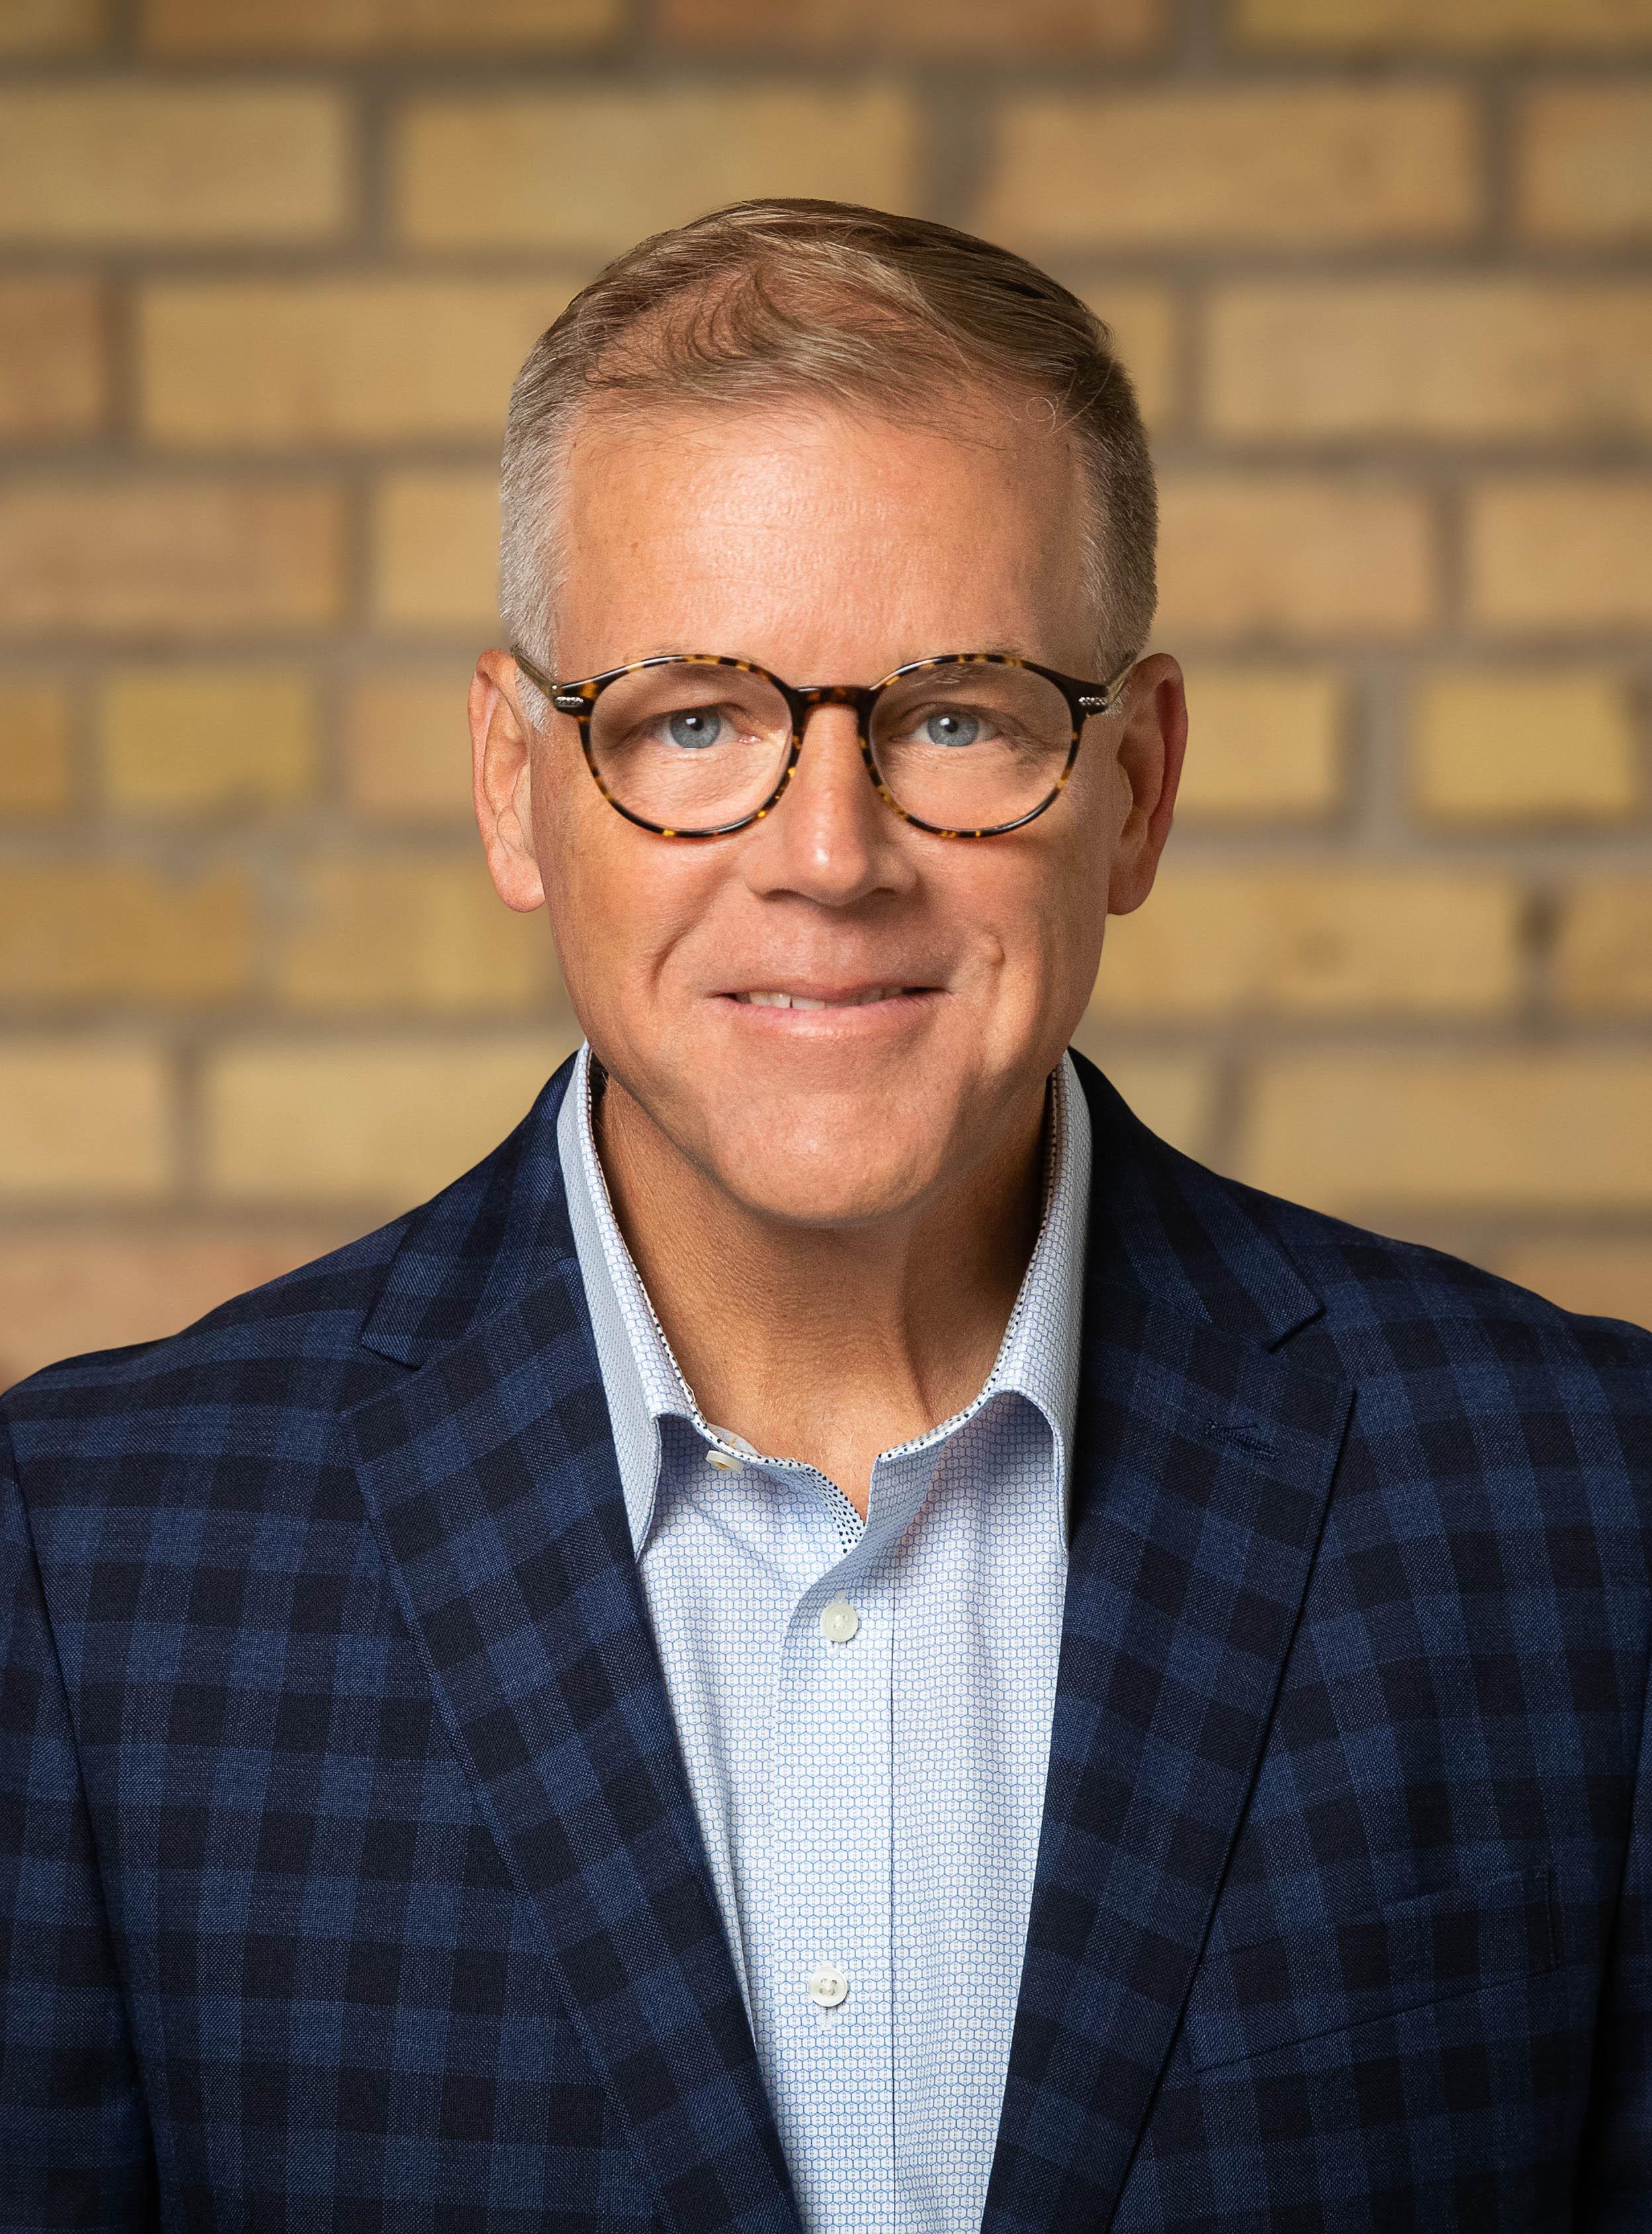 Gregg Murray